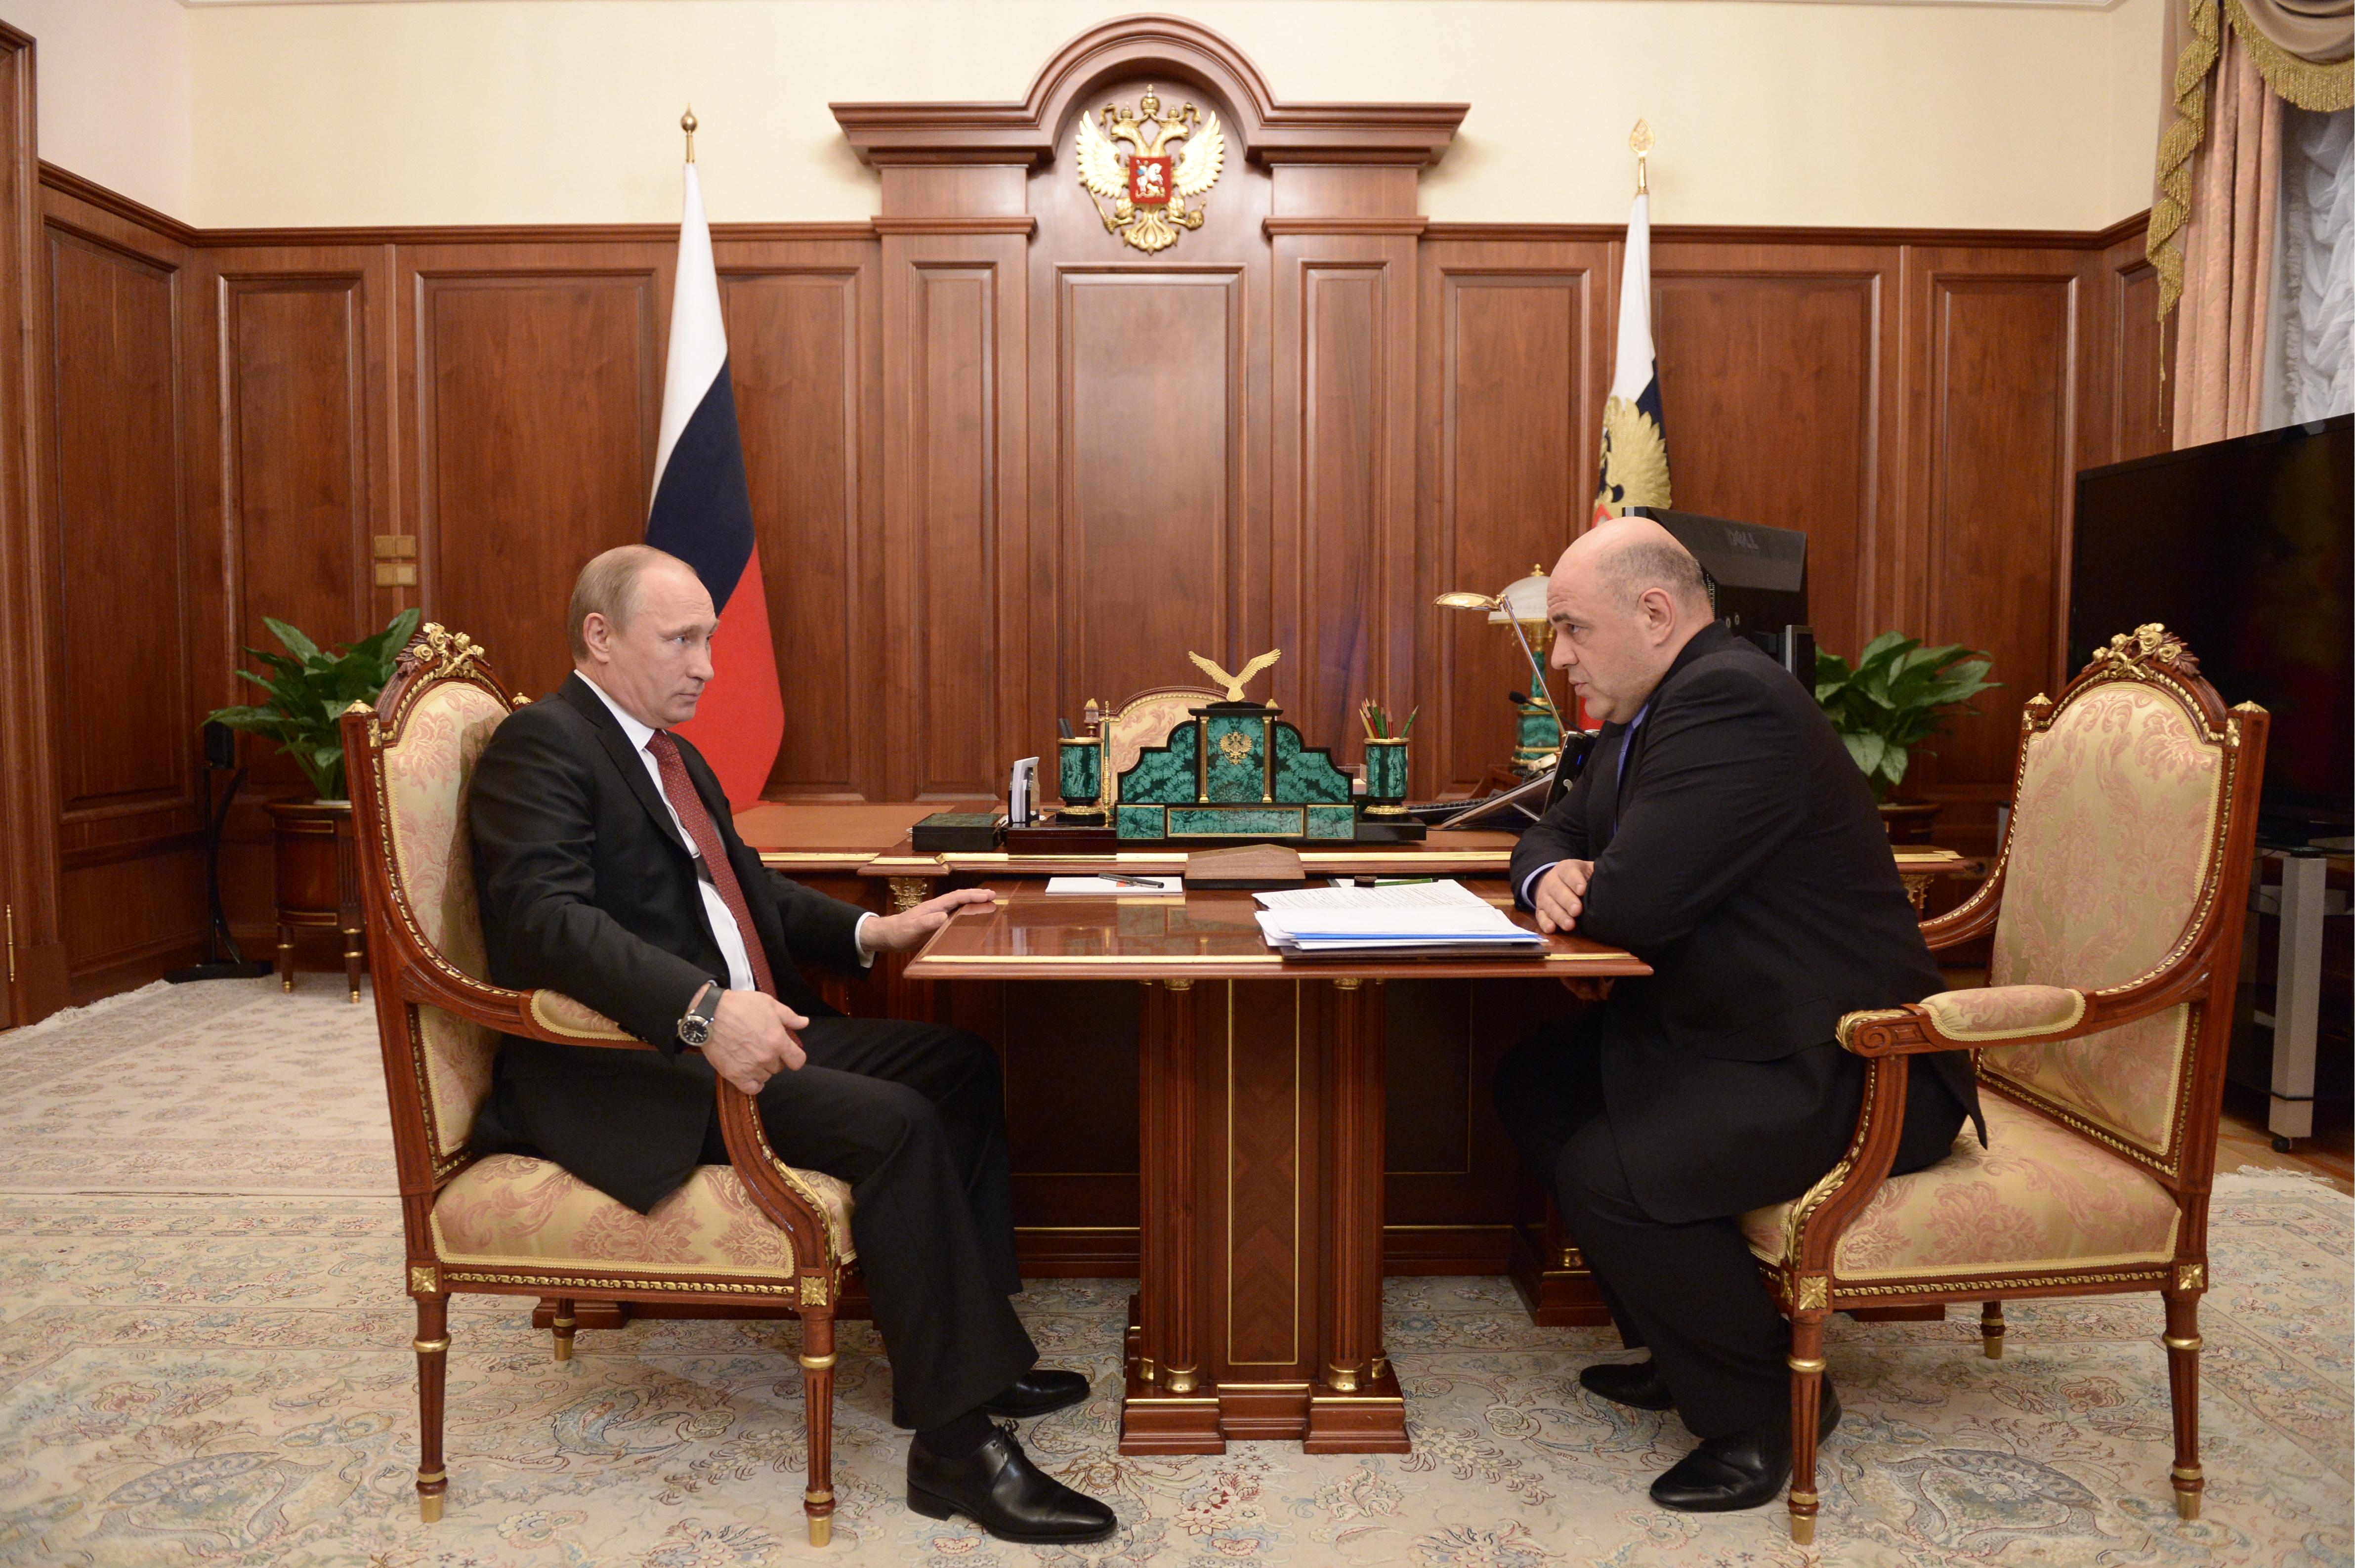 Президент России Владимир Путин во время встречи с руководителем ФНС Михаилом Мишустиным